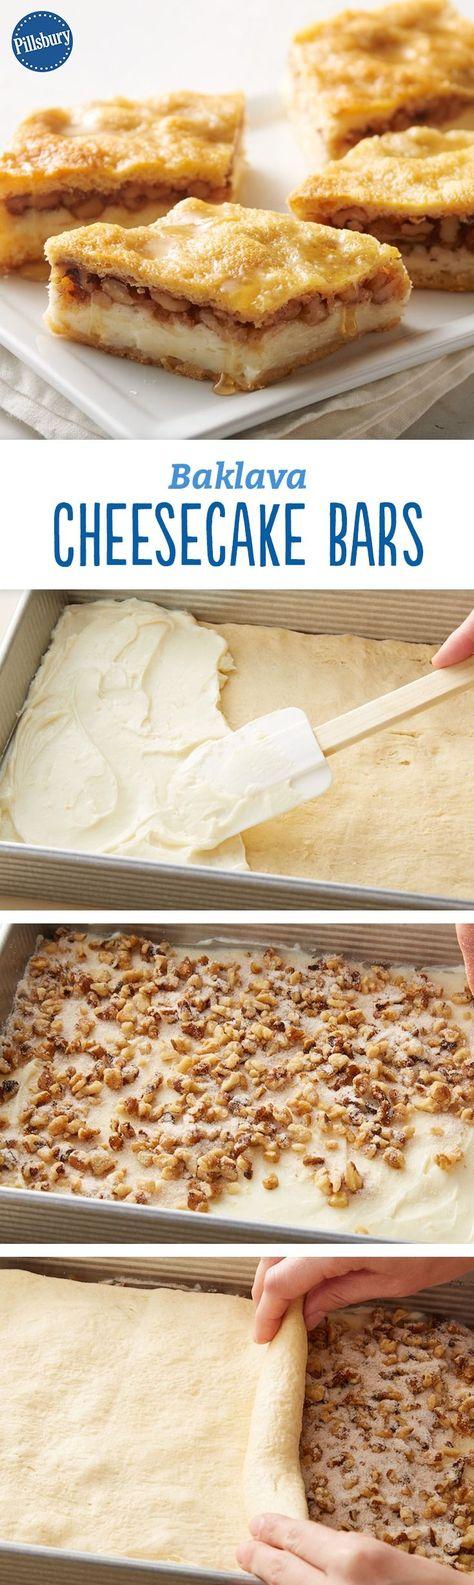 Photo of Baklava Cheesecake Bars